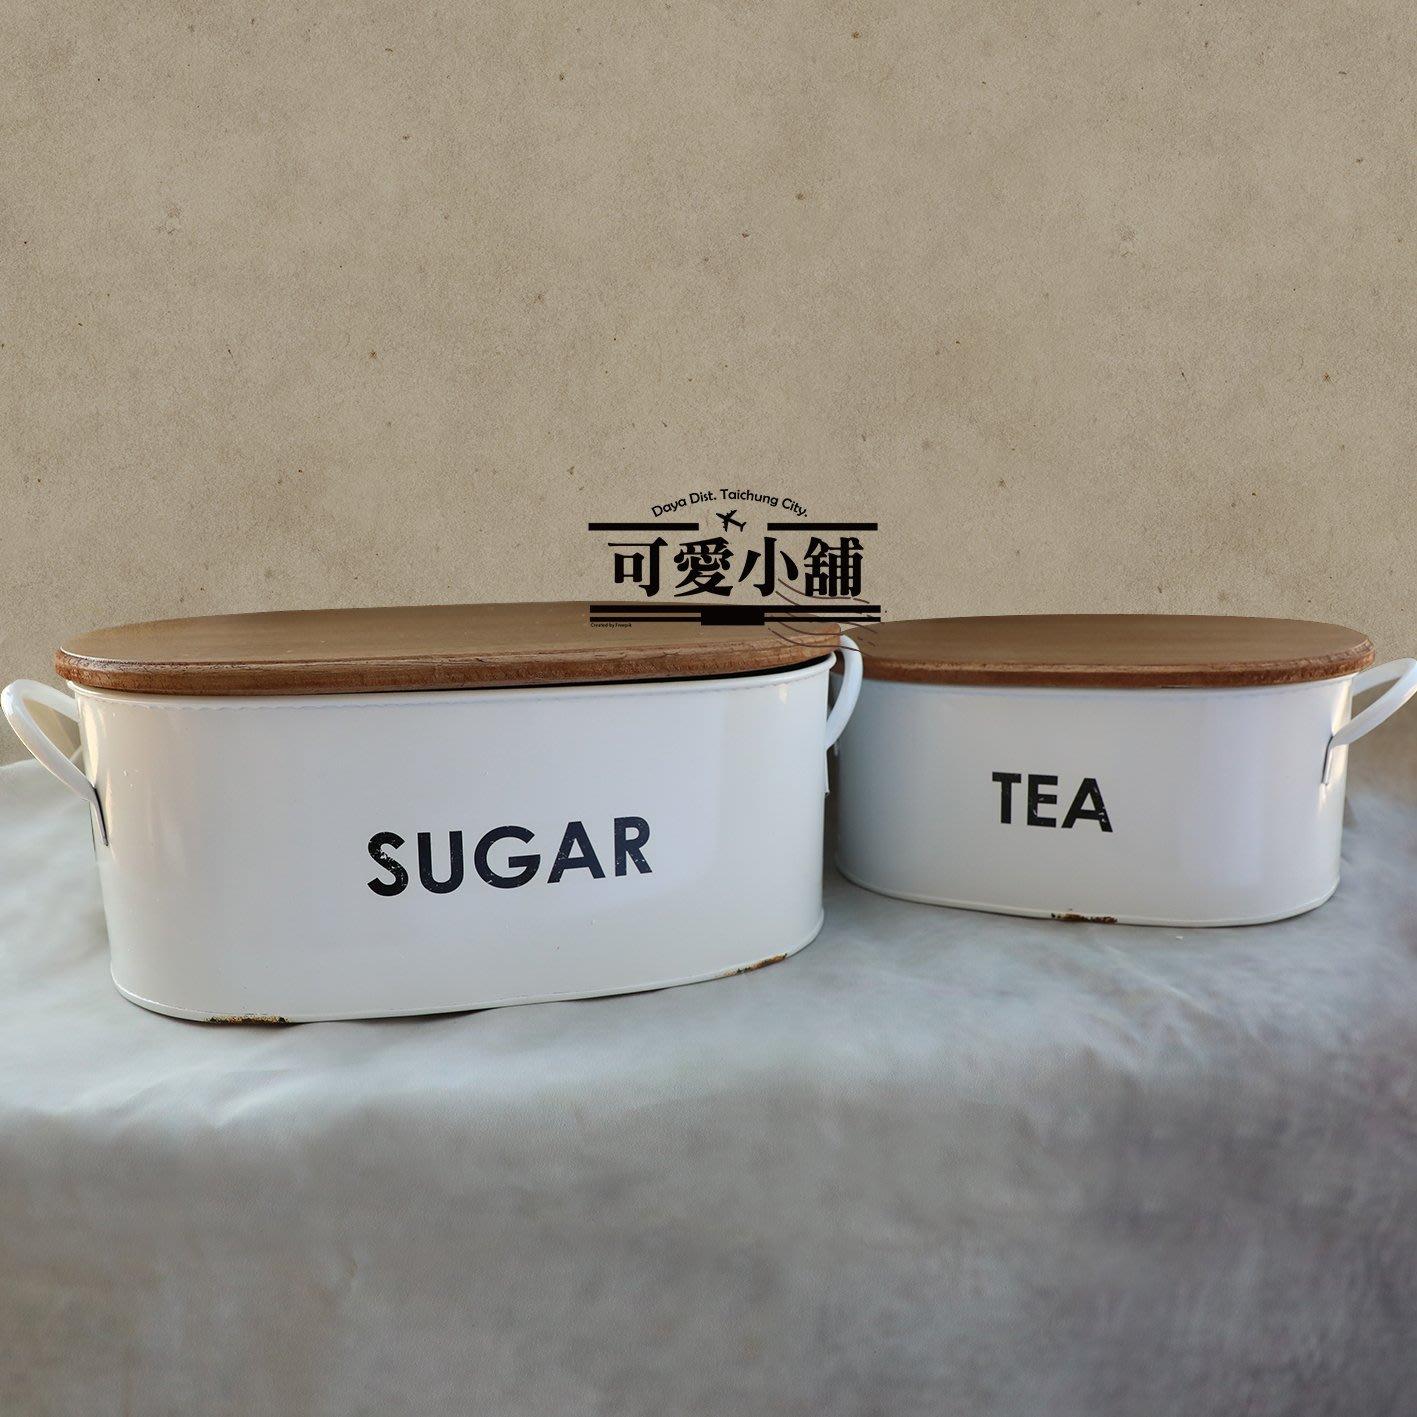 (台中 可愛小舖)歐式鄉村風格-雙色SUGAR/TEA大小尺寸調味罐置物籃白色木色收納造型鐵盒鐵桶廚房送禮餐廳裝飾擺飾